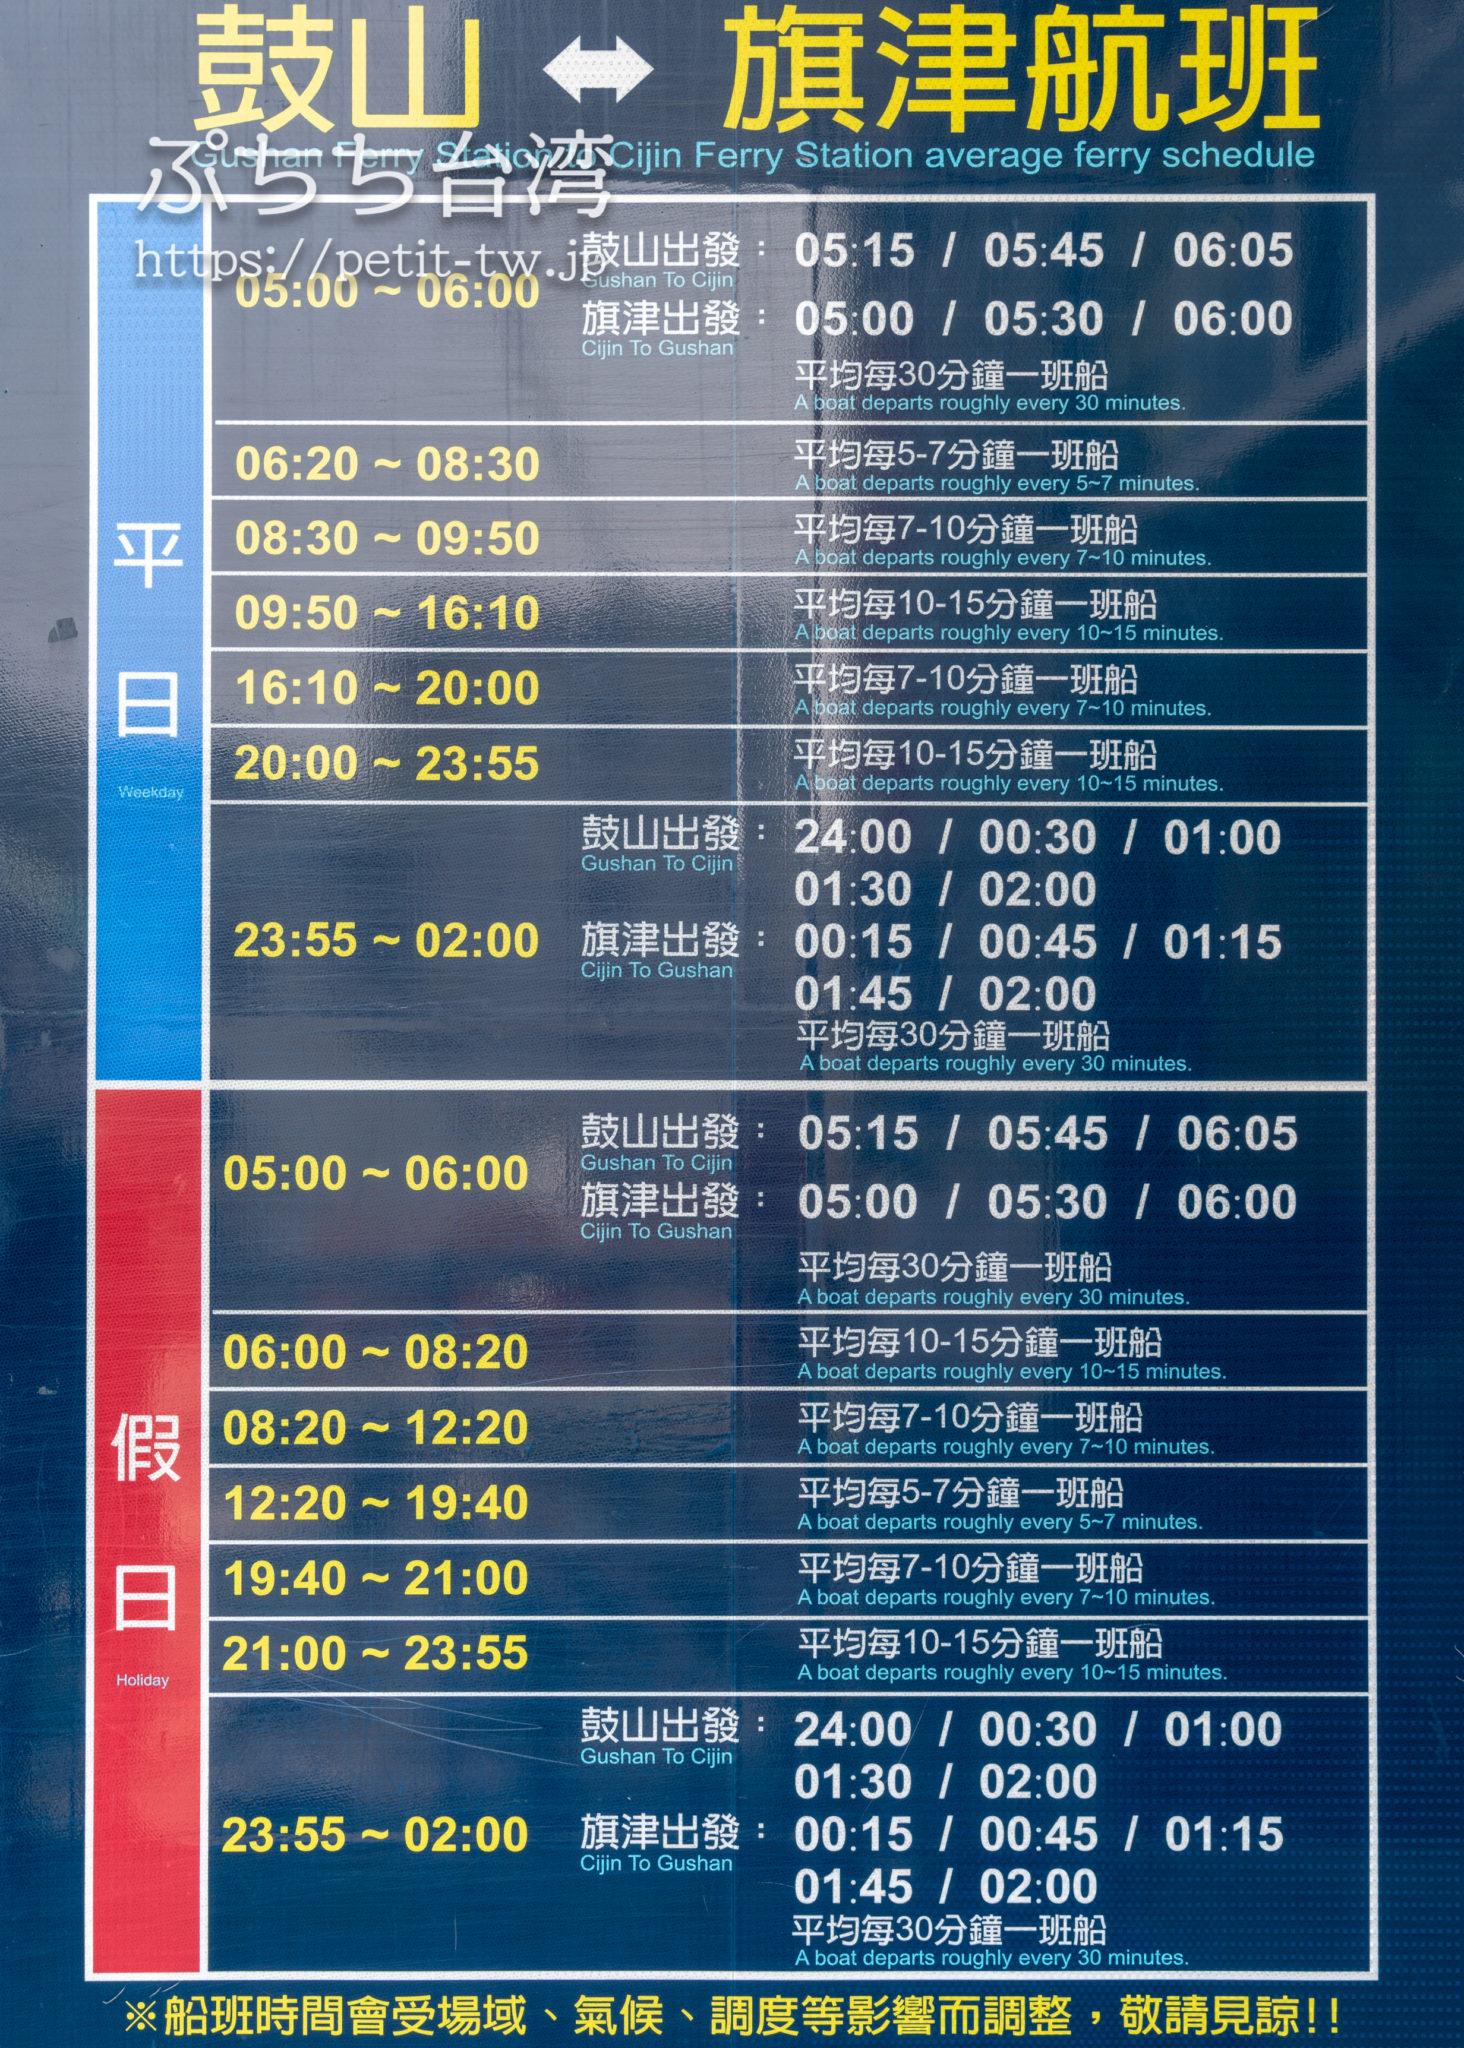 高雄 旗津島行きフェリーの時刻表